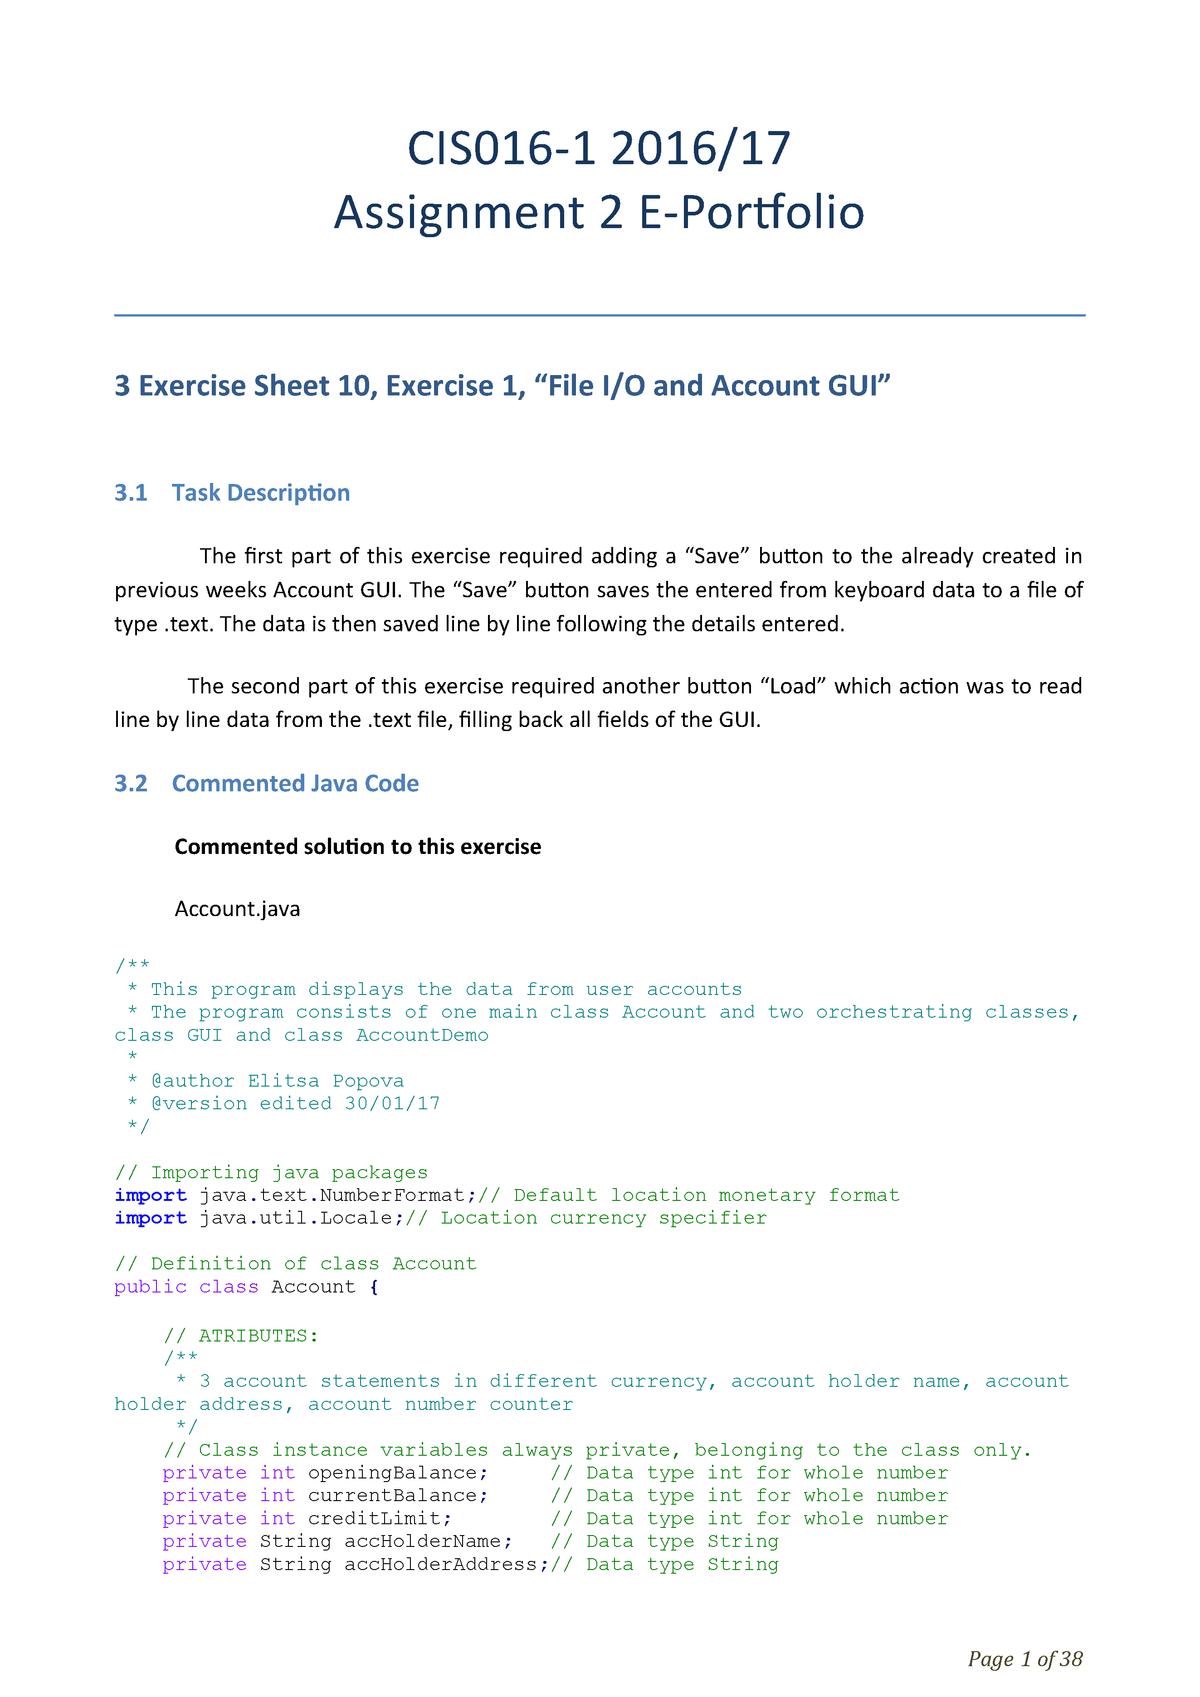 CIS016-1 Assignment 2 Portfolio - CIS016-1/MK/SEM2